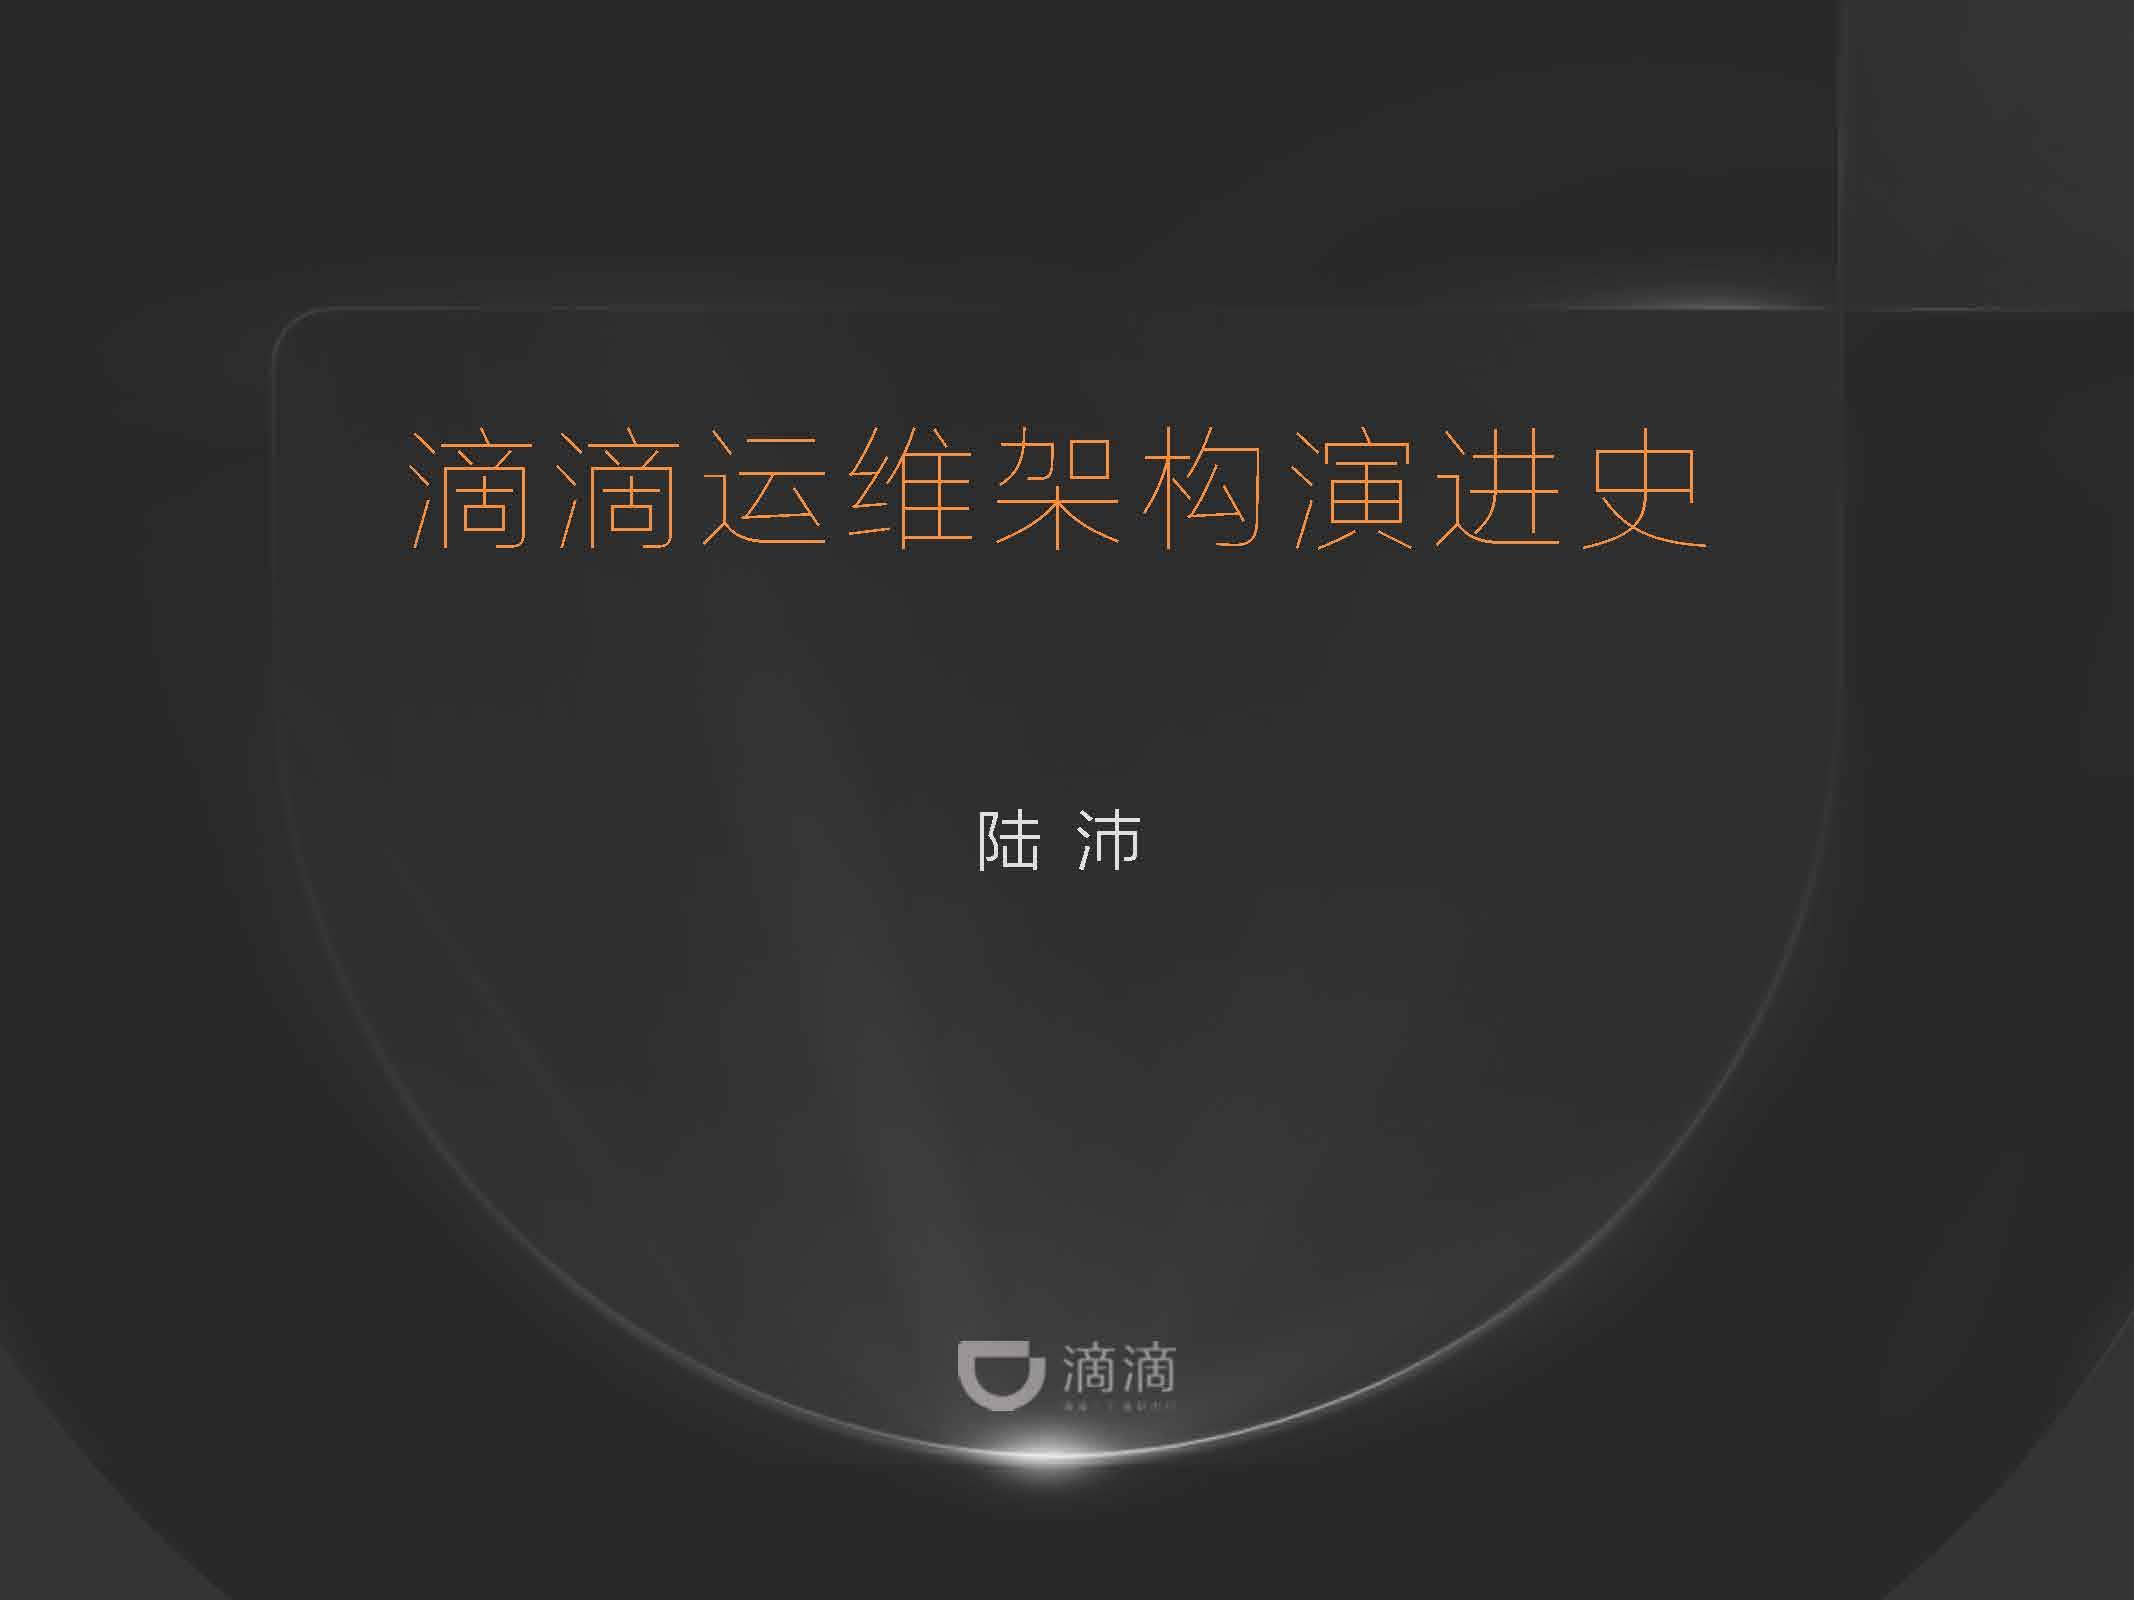 陆沛-滴滴运维架构的演化史